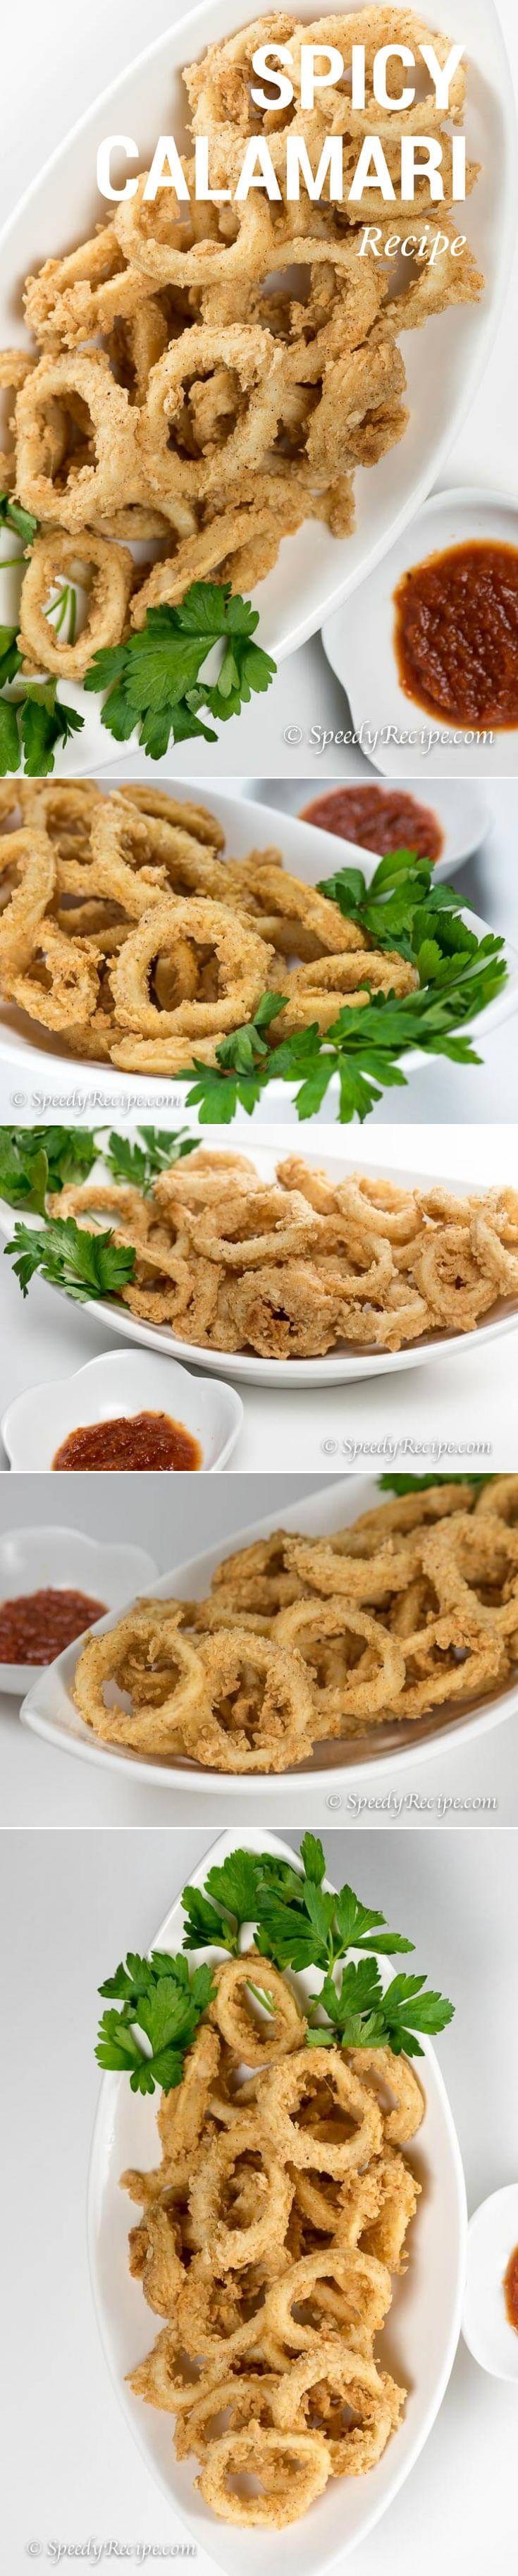 Spicy Calamari - speedyrecipe.com